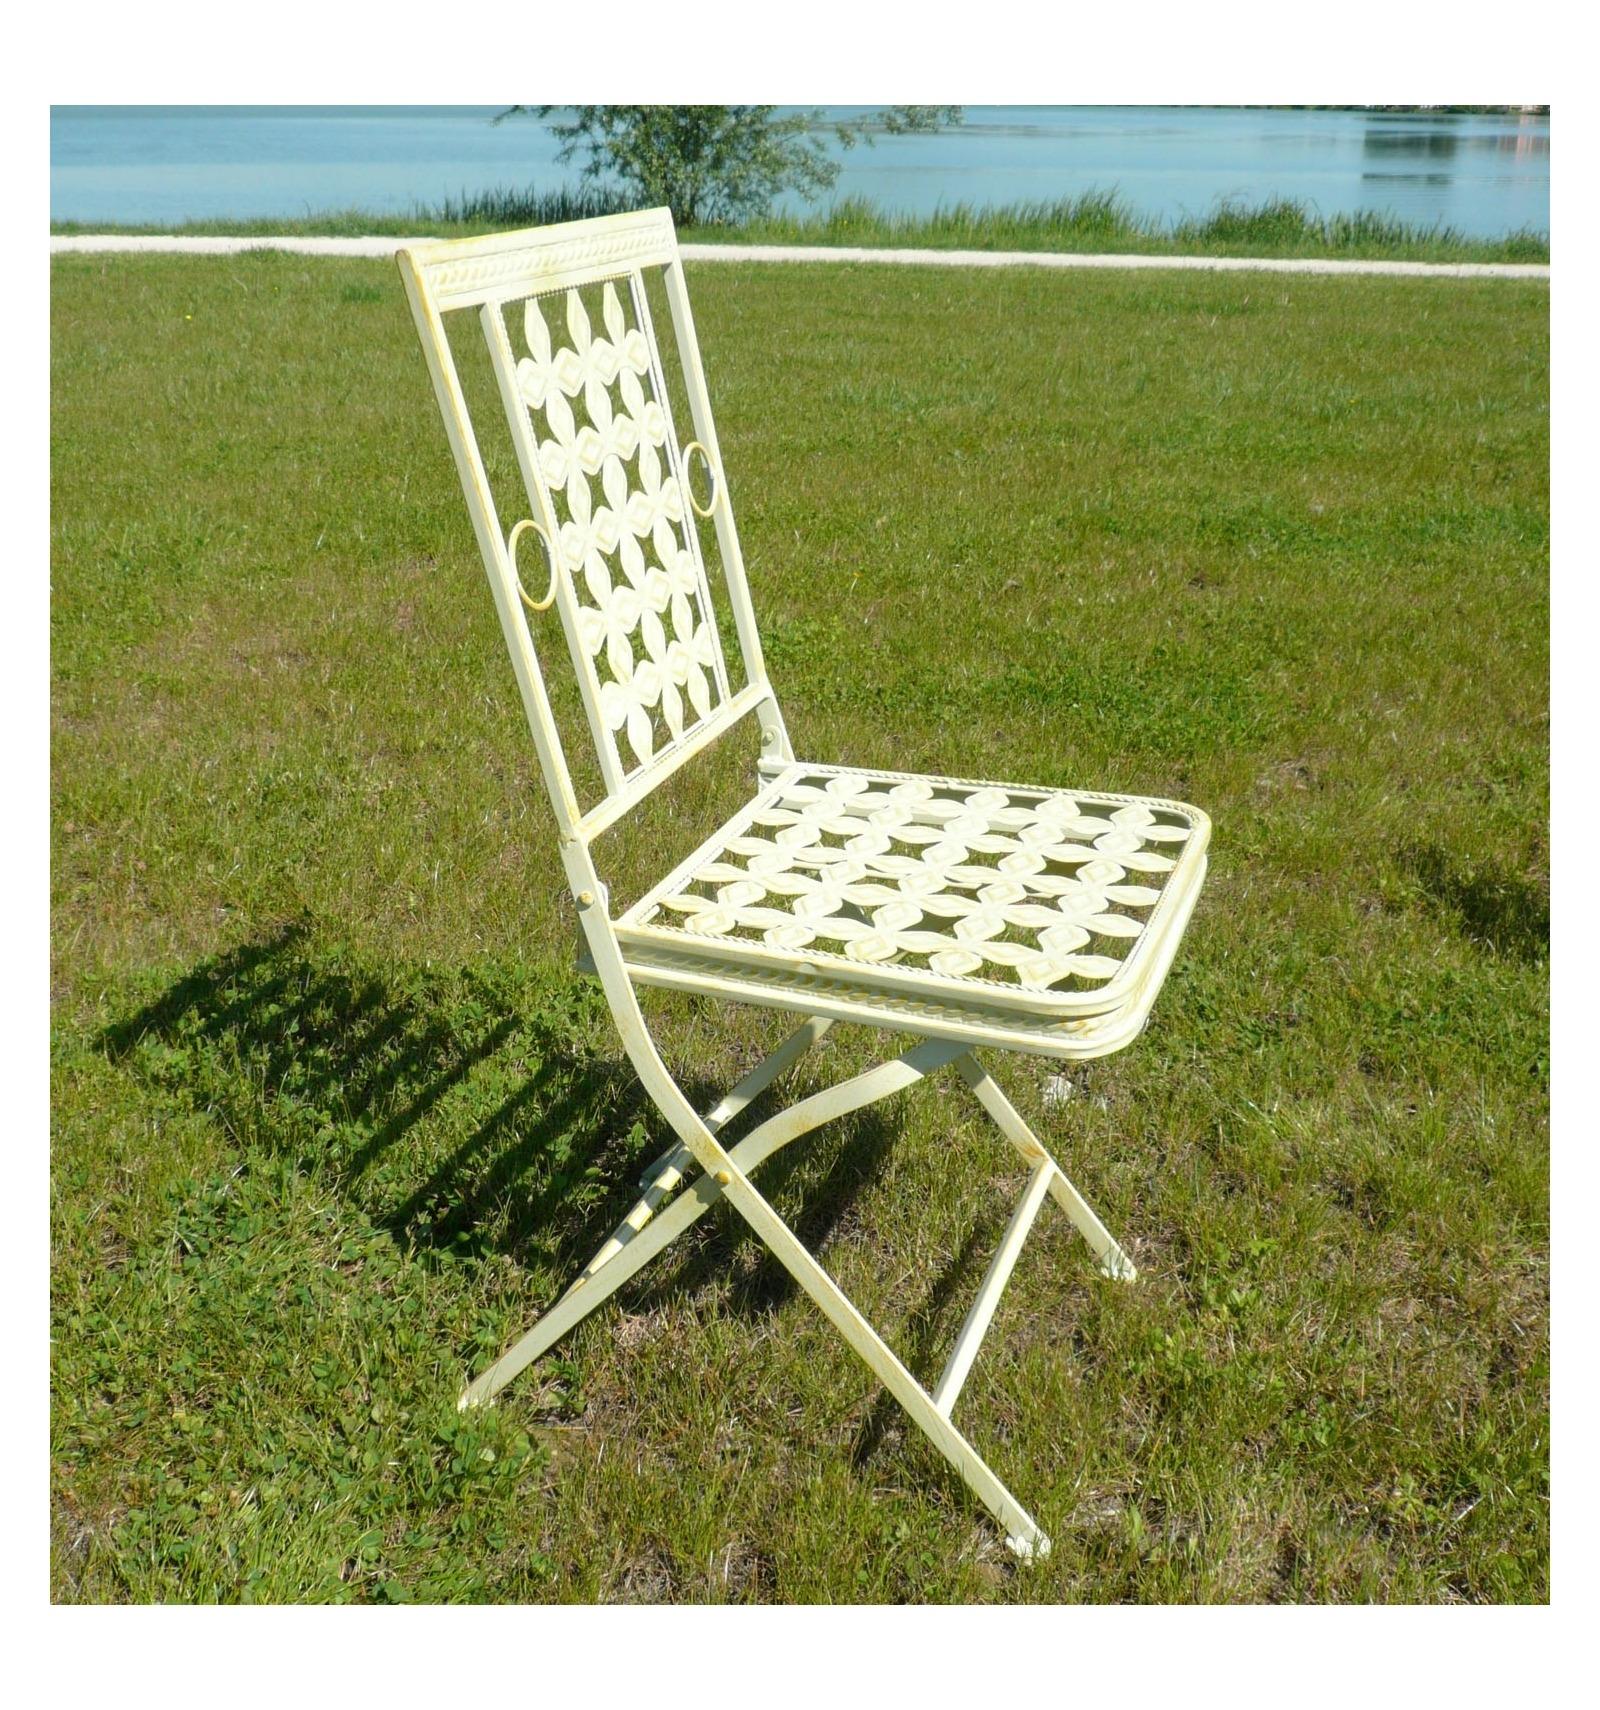 salon de jardin en fer forg avec une table ronde et 4 chaises. Black Bedroom Furniture Sets. Home Design Ideas